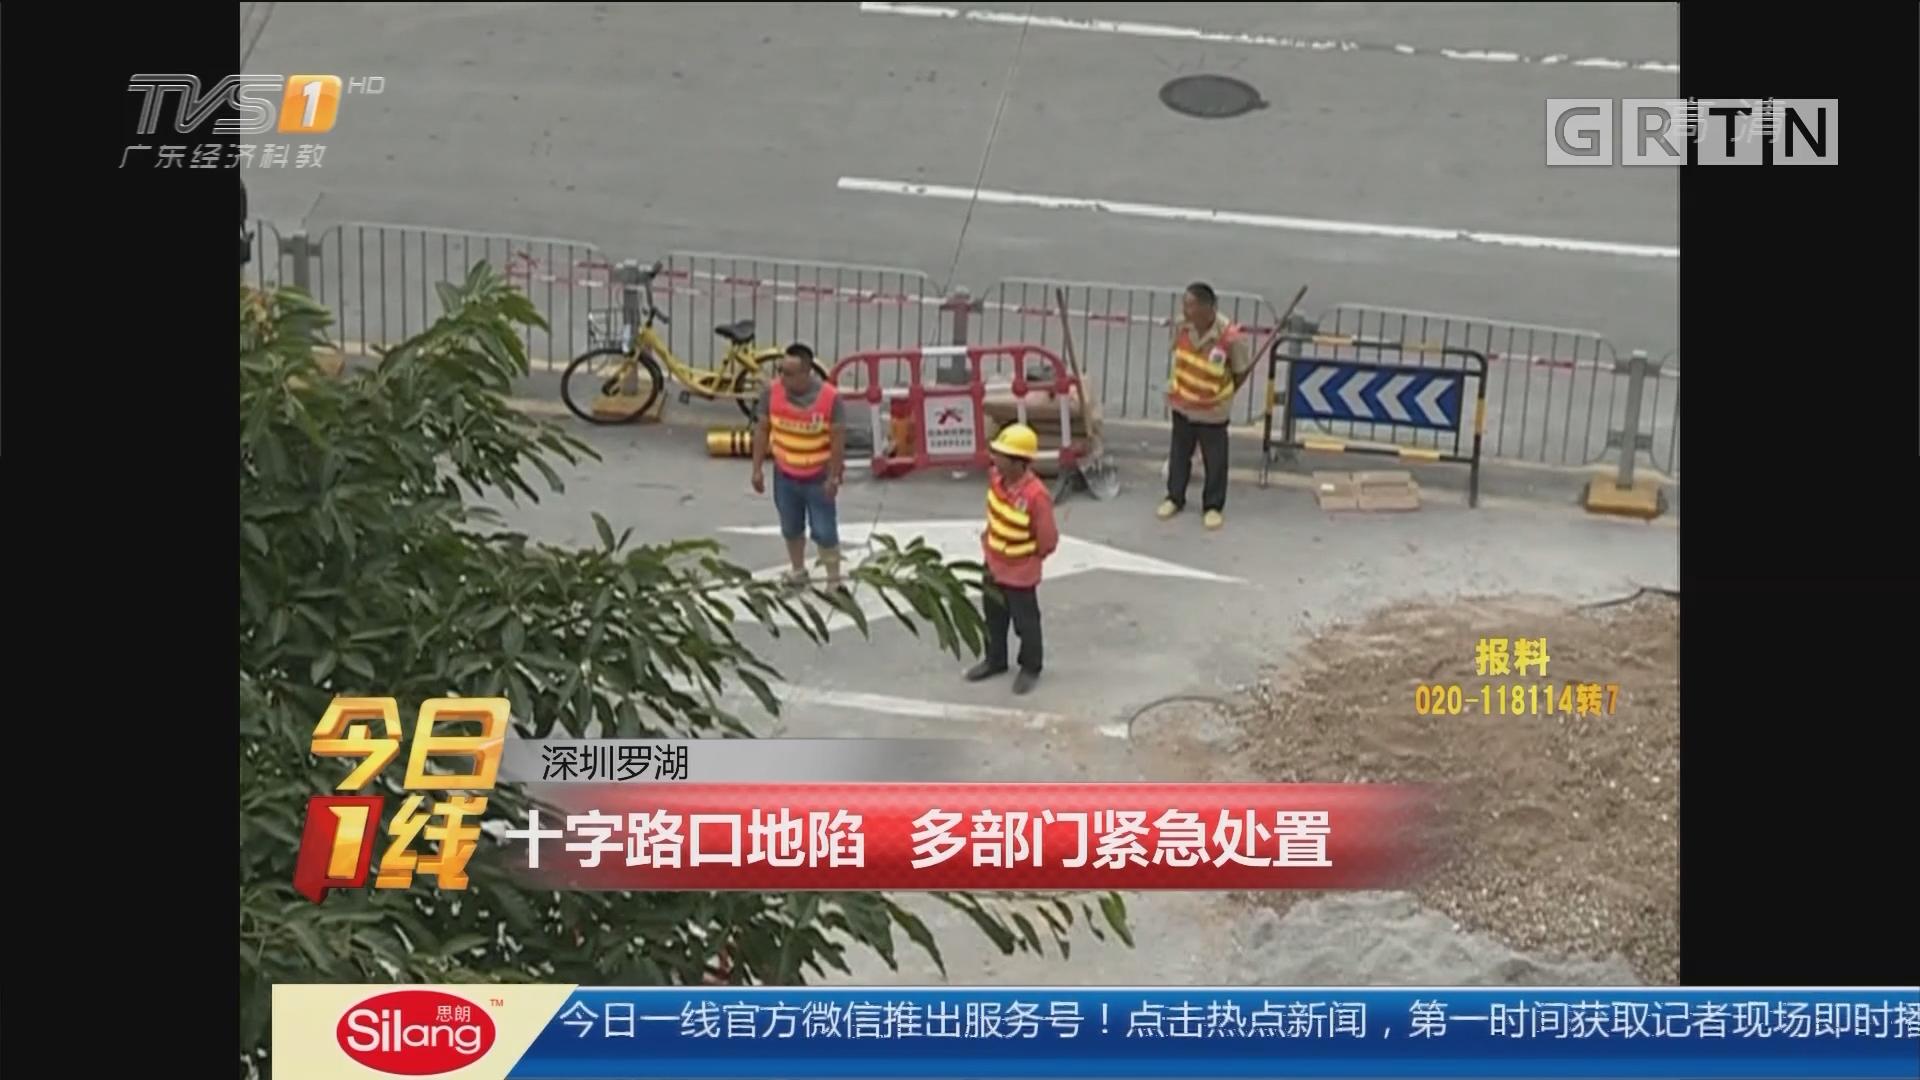 深圳罗湖:十字路口地陷 多部门紧急处置